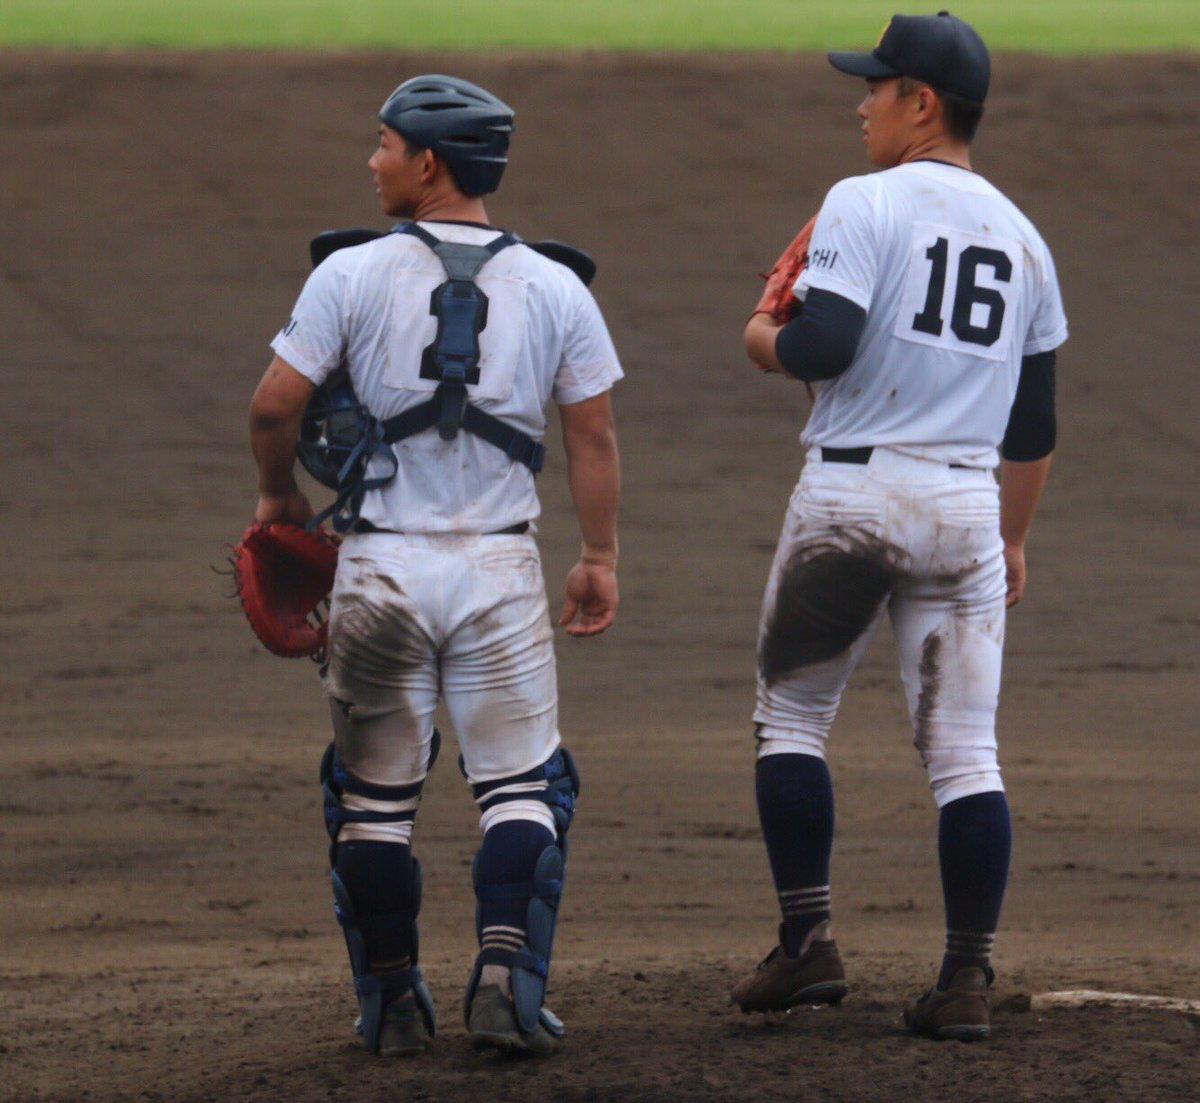 第99回全国高等学校野球選手権愛知大会  2017.7.23享栄藤江亮太投手中村奨之助捕手ベンチを見つめる‼︎#koko